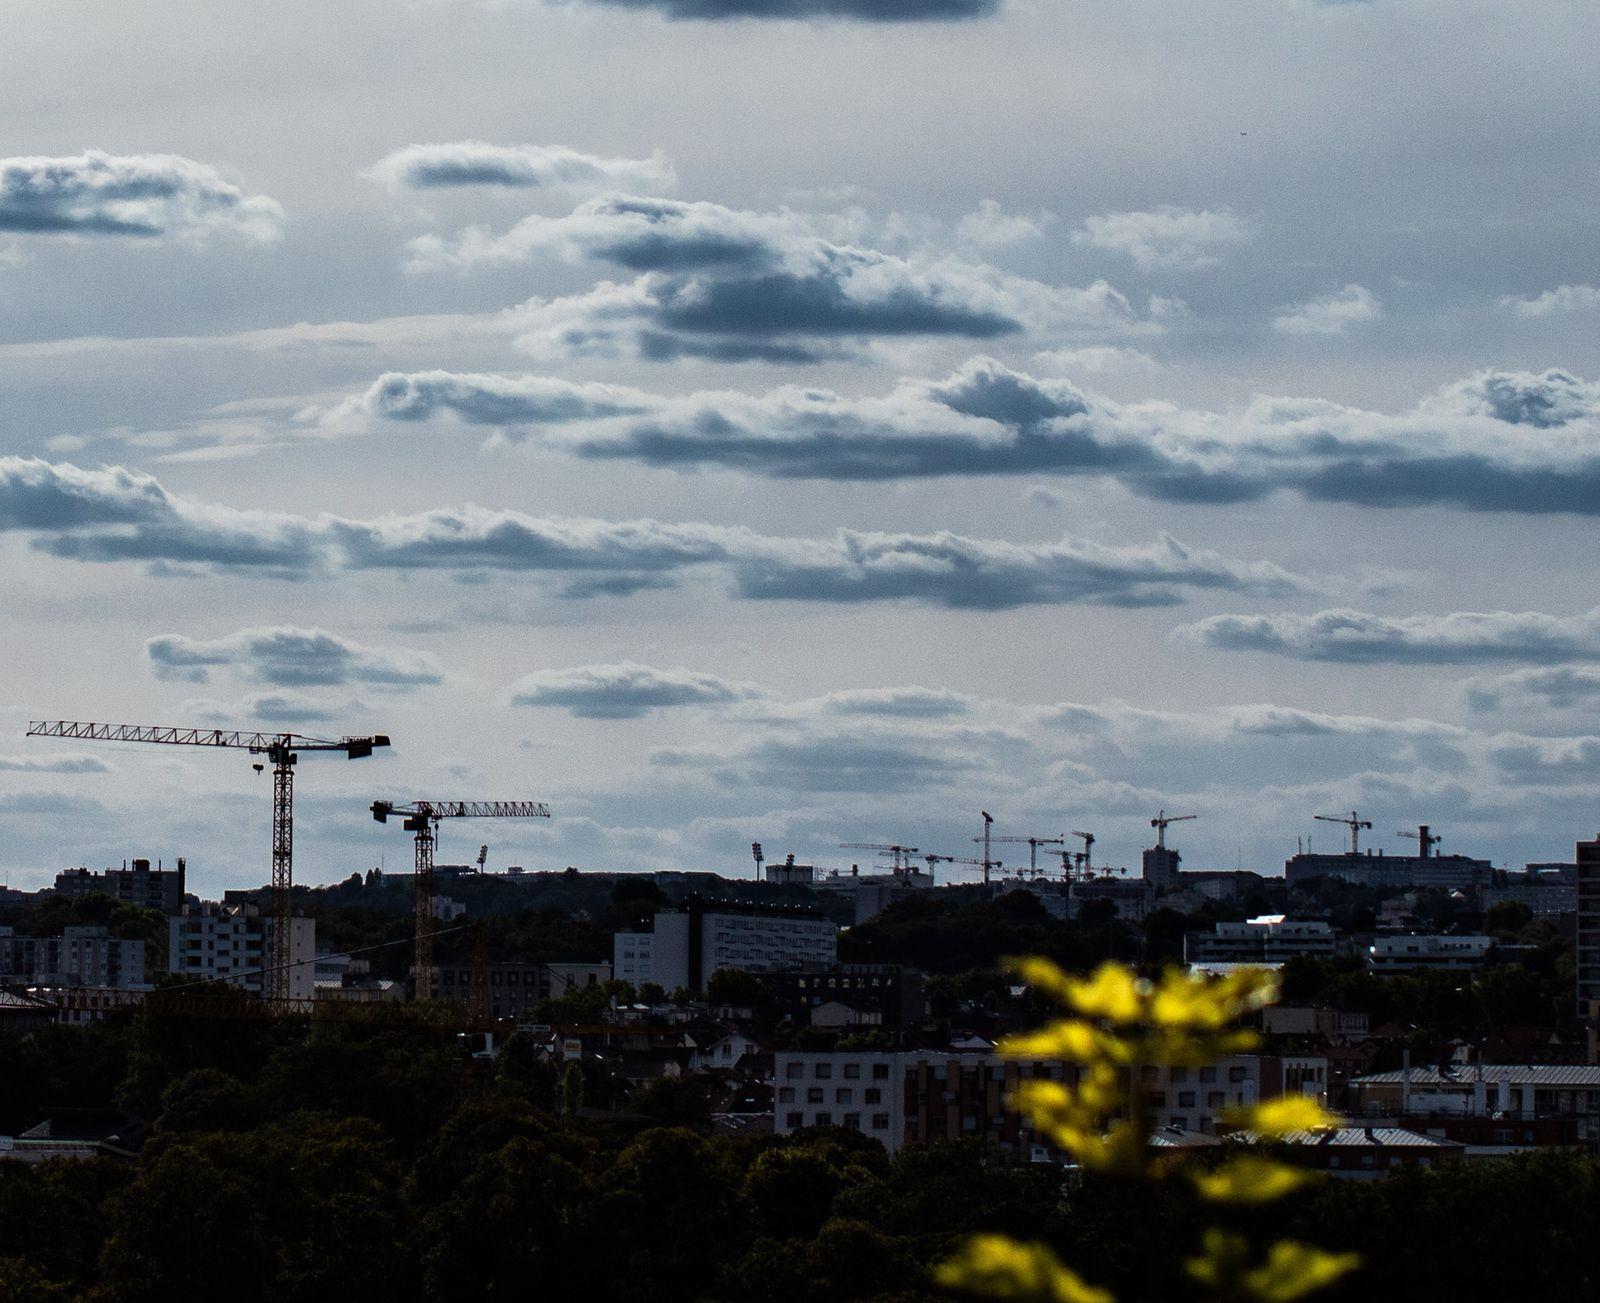 Le rythme d'artificialisation actuel est en augmentation : 20 000 hectares par an  en 2030 si rien n'est fait.(www.stratégie .gouv.fr)